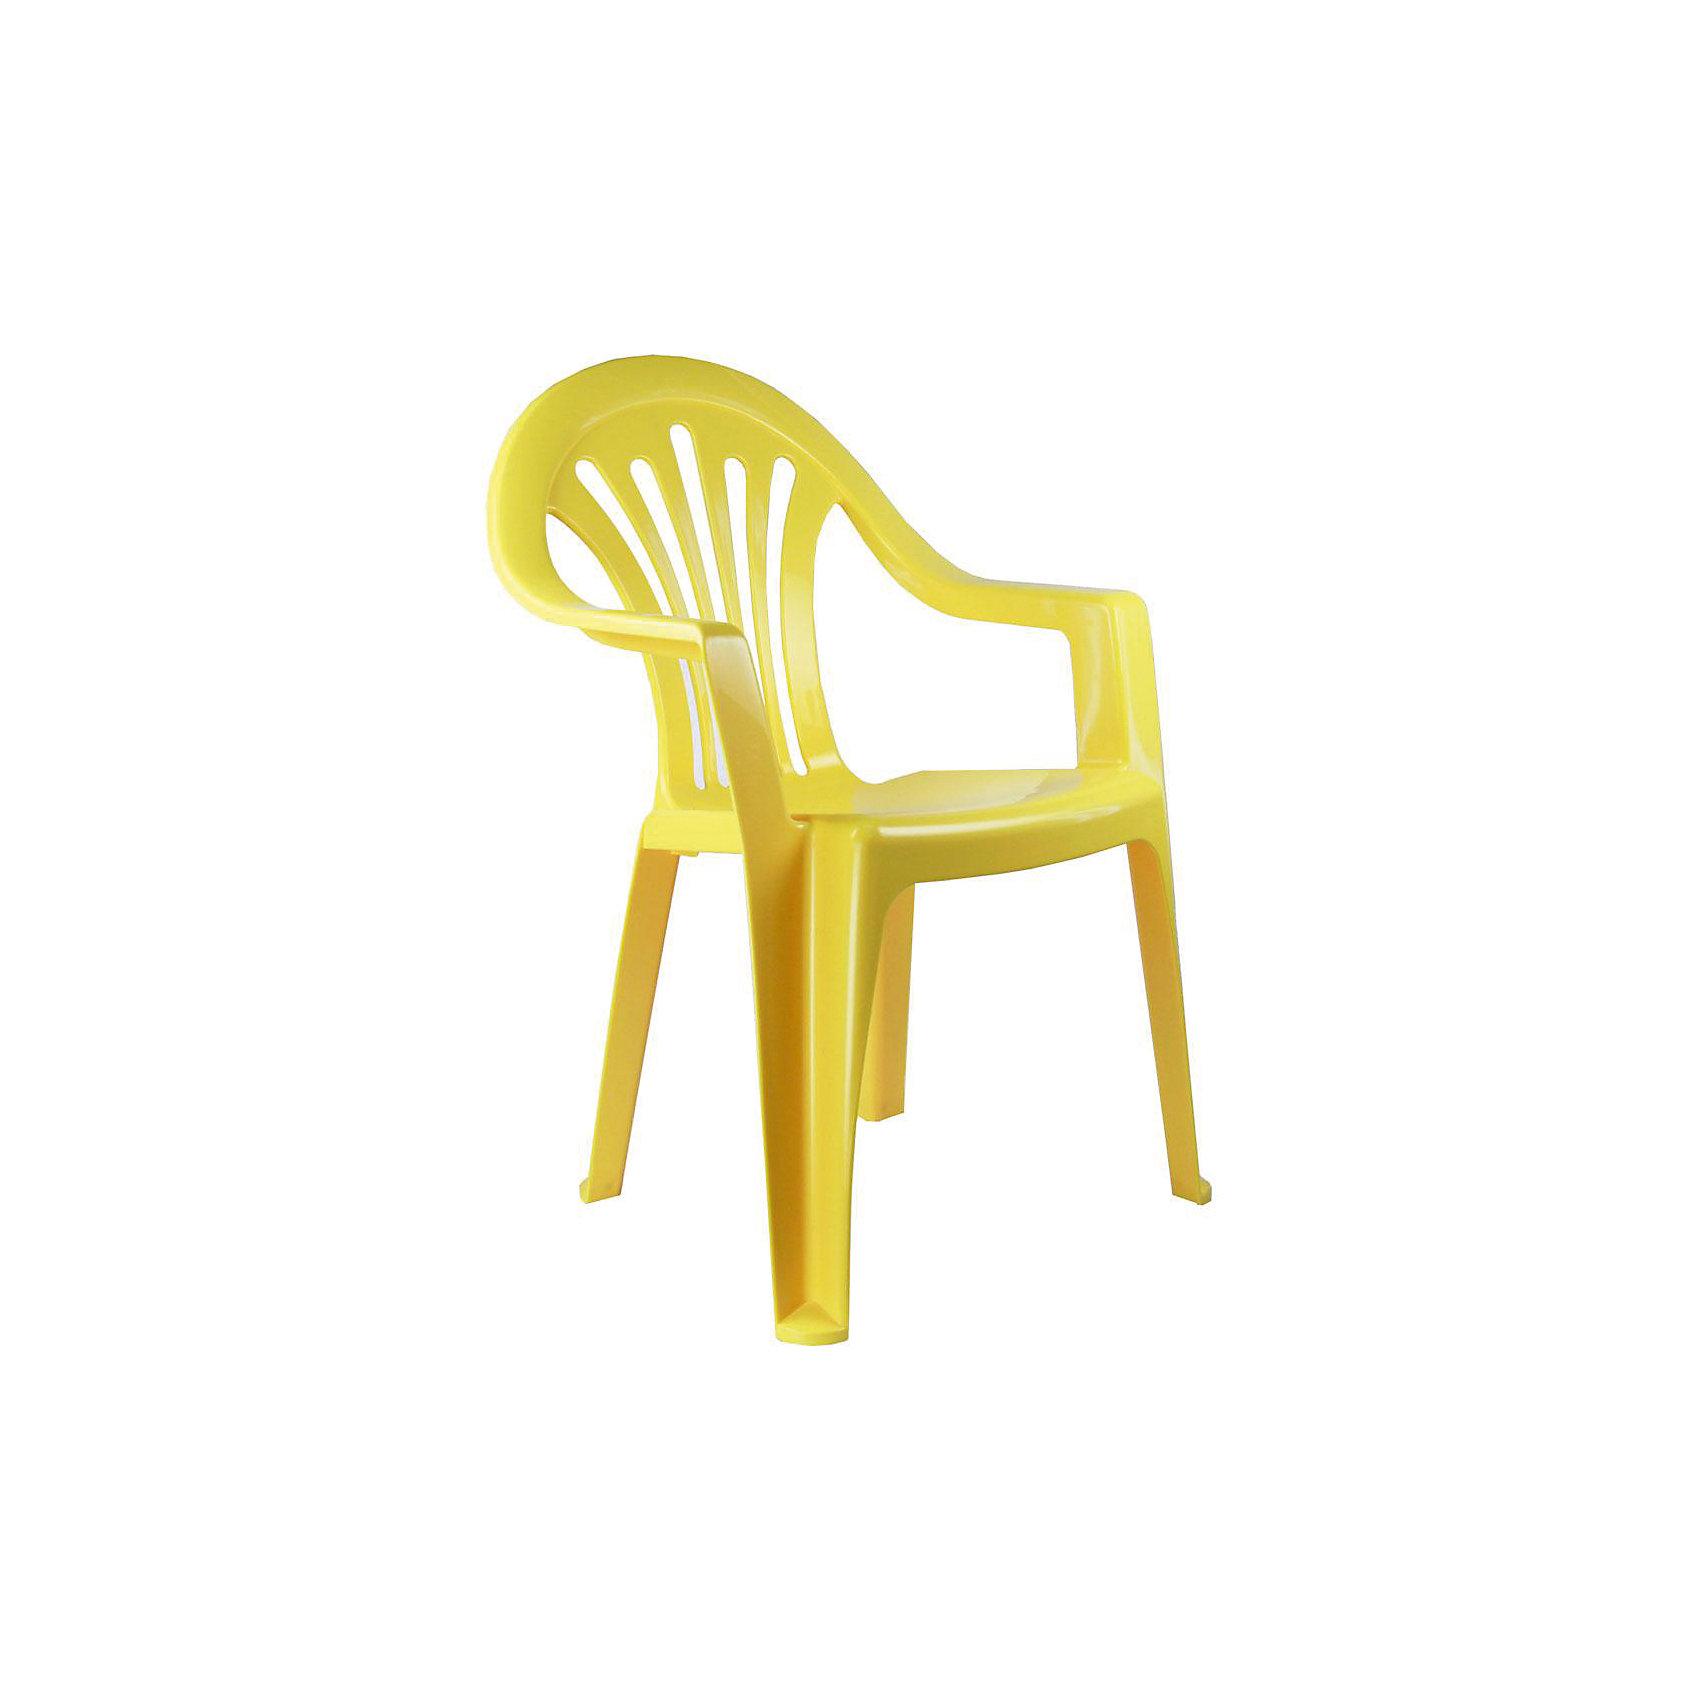 Кресло детское, Alternativa, жёлтыйМебель<br>Характеристики:<br><br>• Предназначение: для дома, для дачи<br>• Пол: универсальный<br>• Материал: пластик<br>• Цвет: желтый<br>• Размер (Д*Ш*В): 37*57*35 см<br>• Вес: 850 г<br>• Особенности ухода: разрешается мыть теплой водой<br><br>Кресло детское, Alternativa, желтый изготовлено отечественным производителем ООО ЗПИ Альтернатива, который специализируется на выпуске широкого спектра изделий из пластика. Стульчик выполнен из безопасного нетоксичного, но прочного пластика. Он имеет устойчивую форму за счет широко расставленных ножек. Для удобства предусмотрена широкая и высокая спинка, а также подлокотники. Стульчик имеет компактную форму и легкий вес, поэтому его удобно использовать не только дома, но и на даче. Стульчик предназначен для детей, которые уже умеют уверенно сидеть, его можно использовать для кормления или занятий за столом. Стульчик имеет яркую окраску и декор на спинке.<br><br>Кресло детское, Alternativa, желтый можно купить в нашем интернет-магазине.<br><br>Ширина мм: 370<br>Глубина мм: 350<br>Высота мм: 570<br>Вес г: 760<br>Возраст от месяцев: 6<br>Возраст до месяцев: 84<br>Пол: Унисекс<br>Возраст: Детский<br>SKU: 5096630